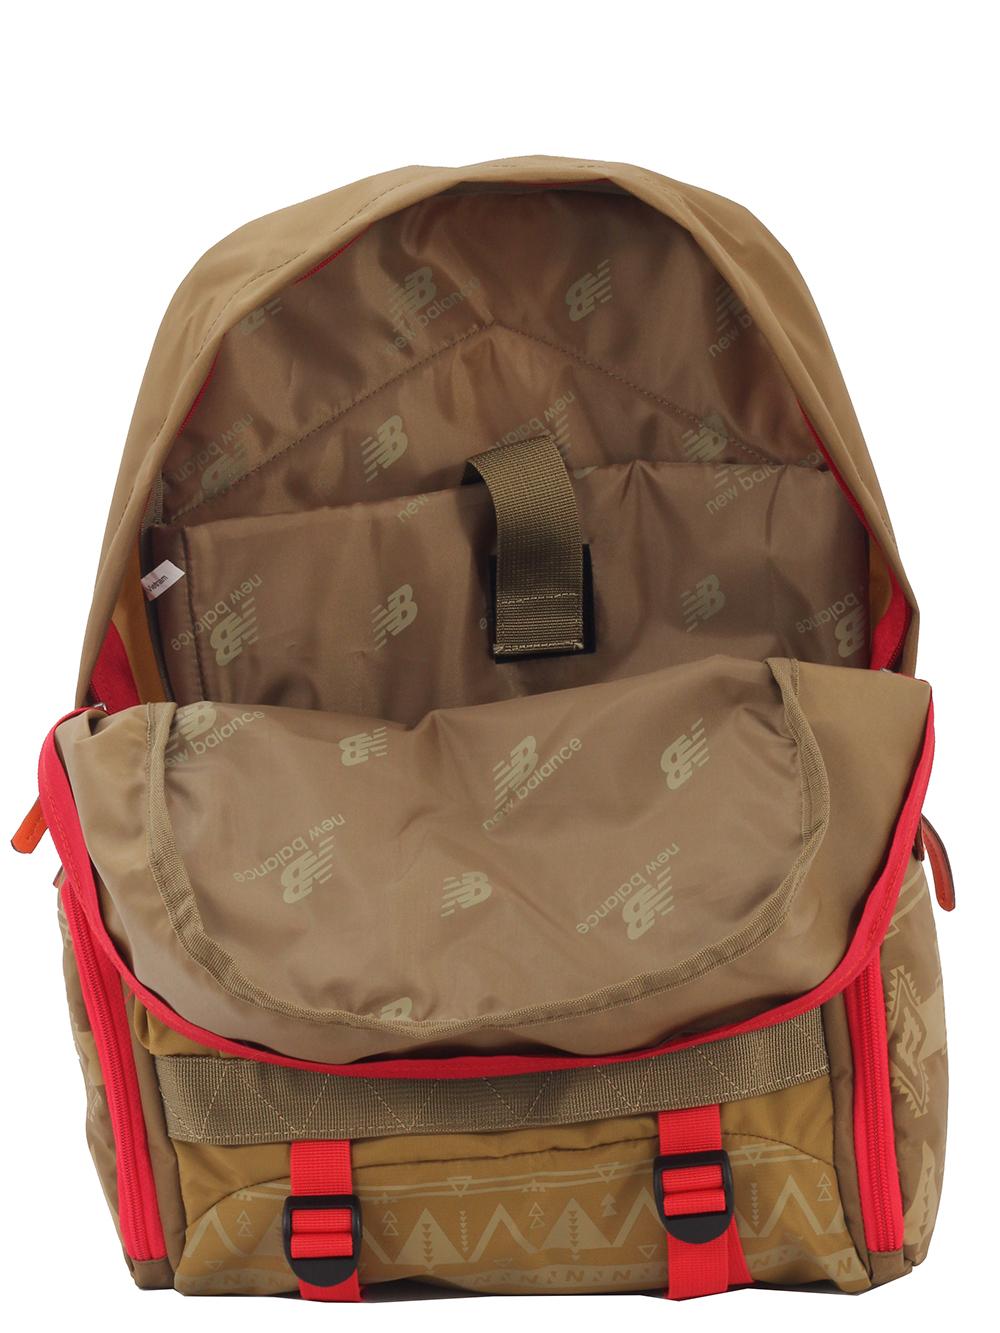 balo-hang-hieu-new-balance-untral-backpack-4